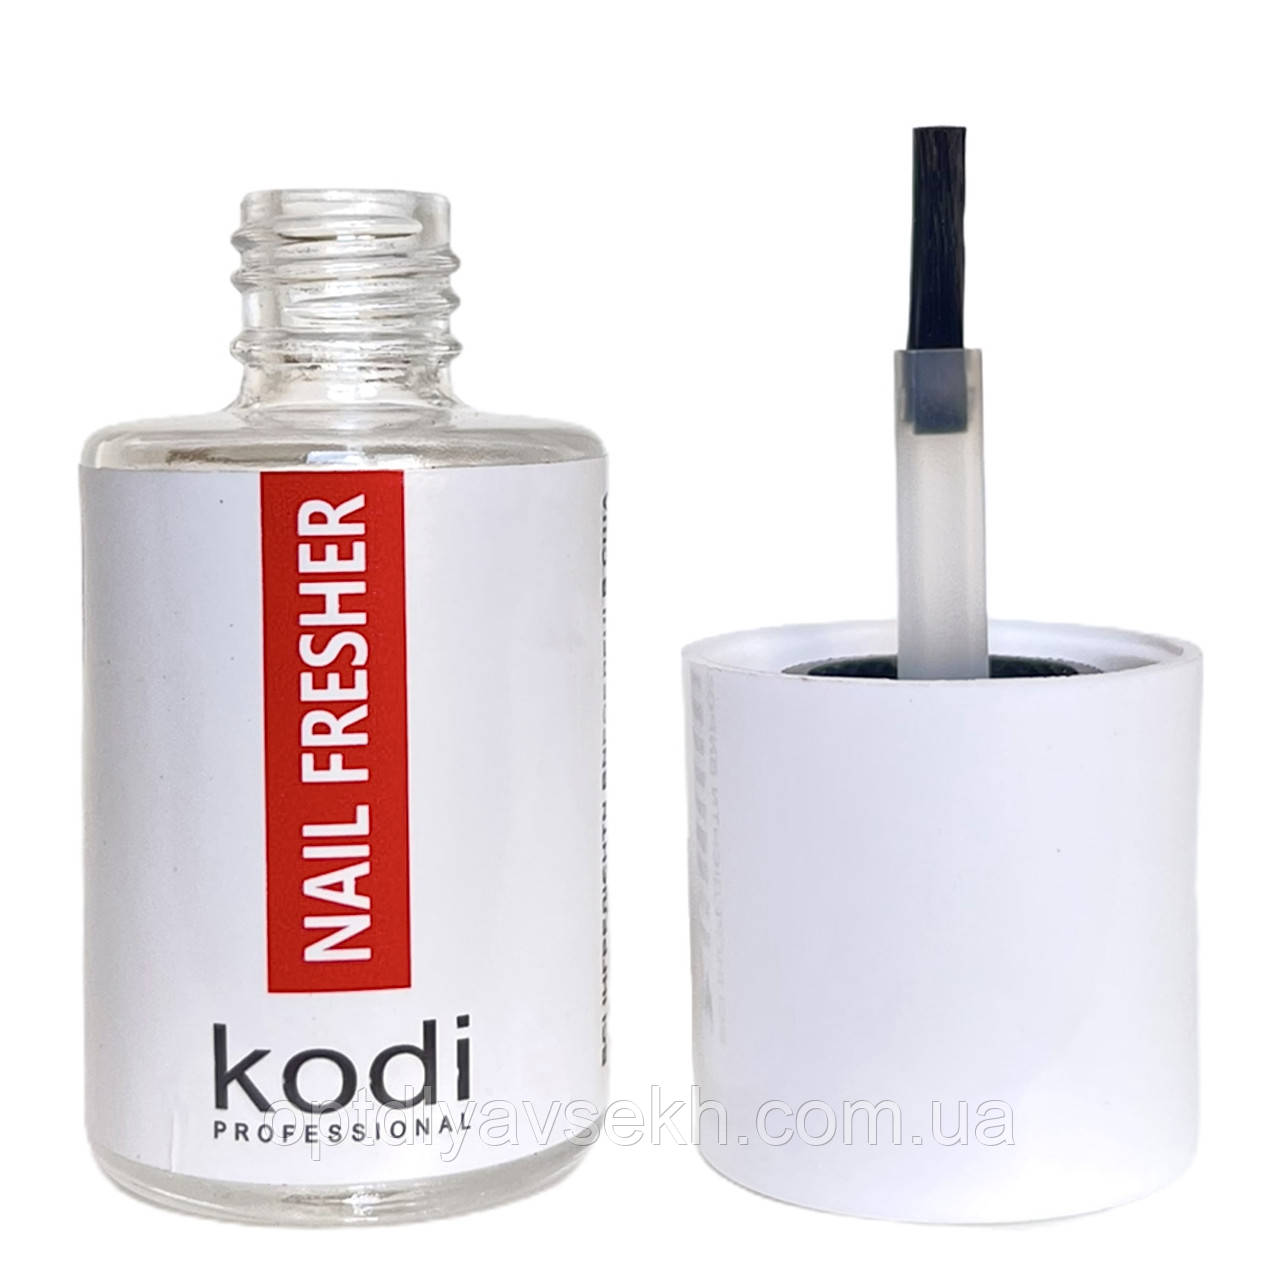 Обезжириватель Kodi Nail Fresher,15 мл.